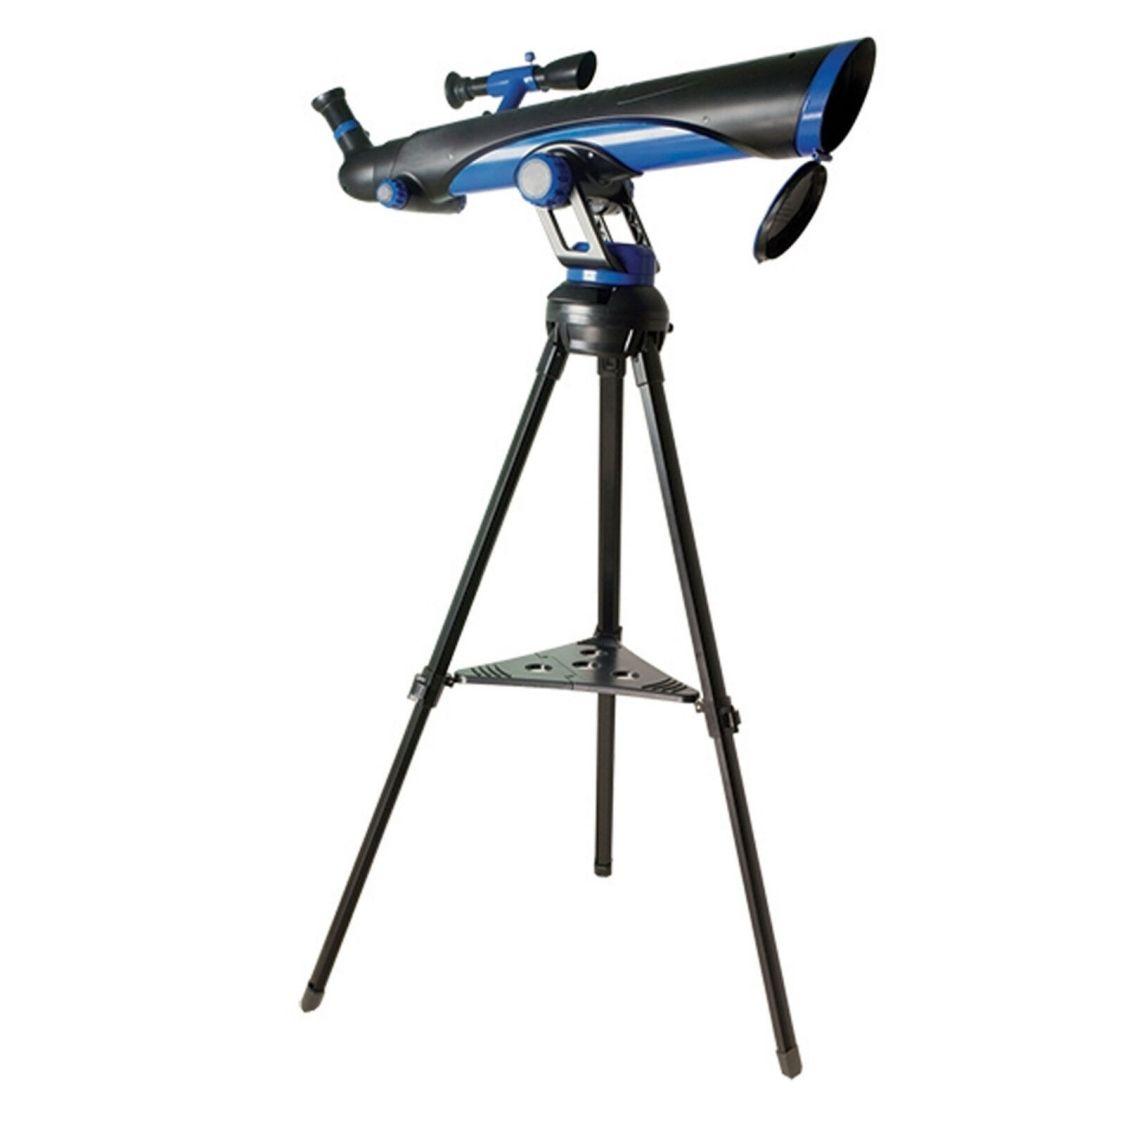 Teleskop Fernrohr mit Stativ Refraktor 70/600 bis 450fache Vergrößerung